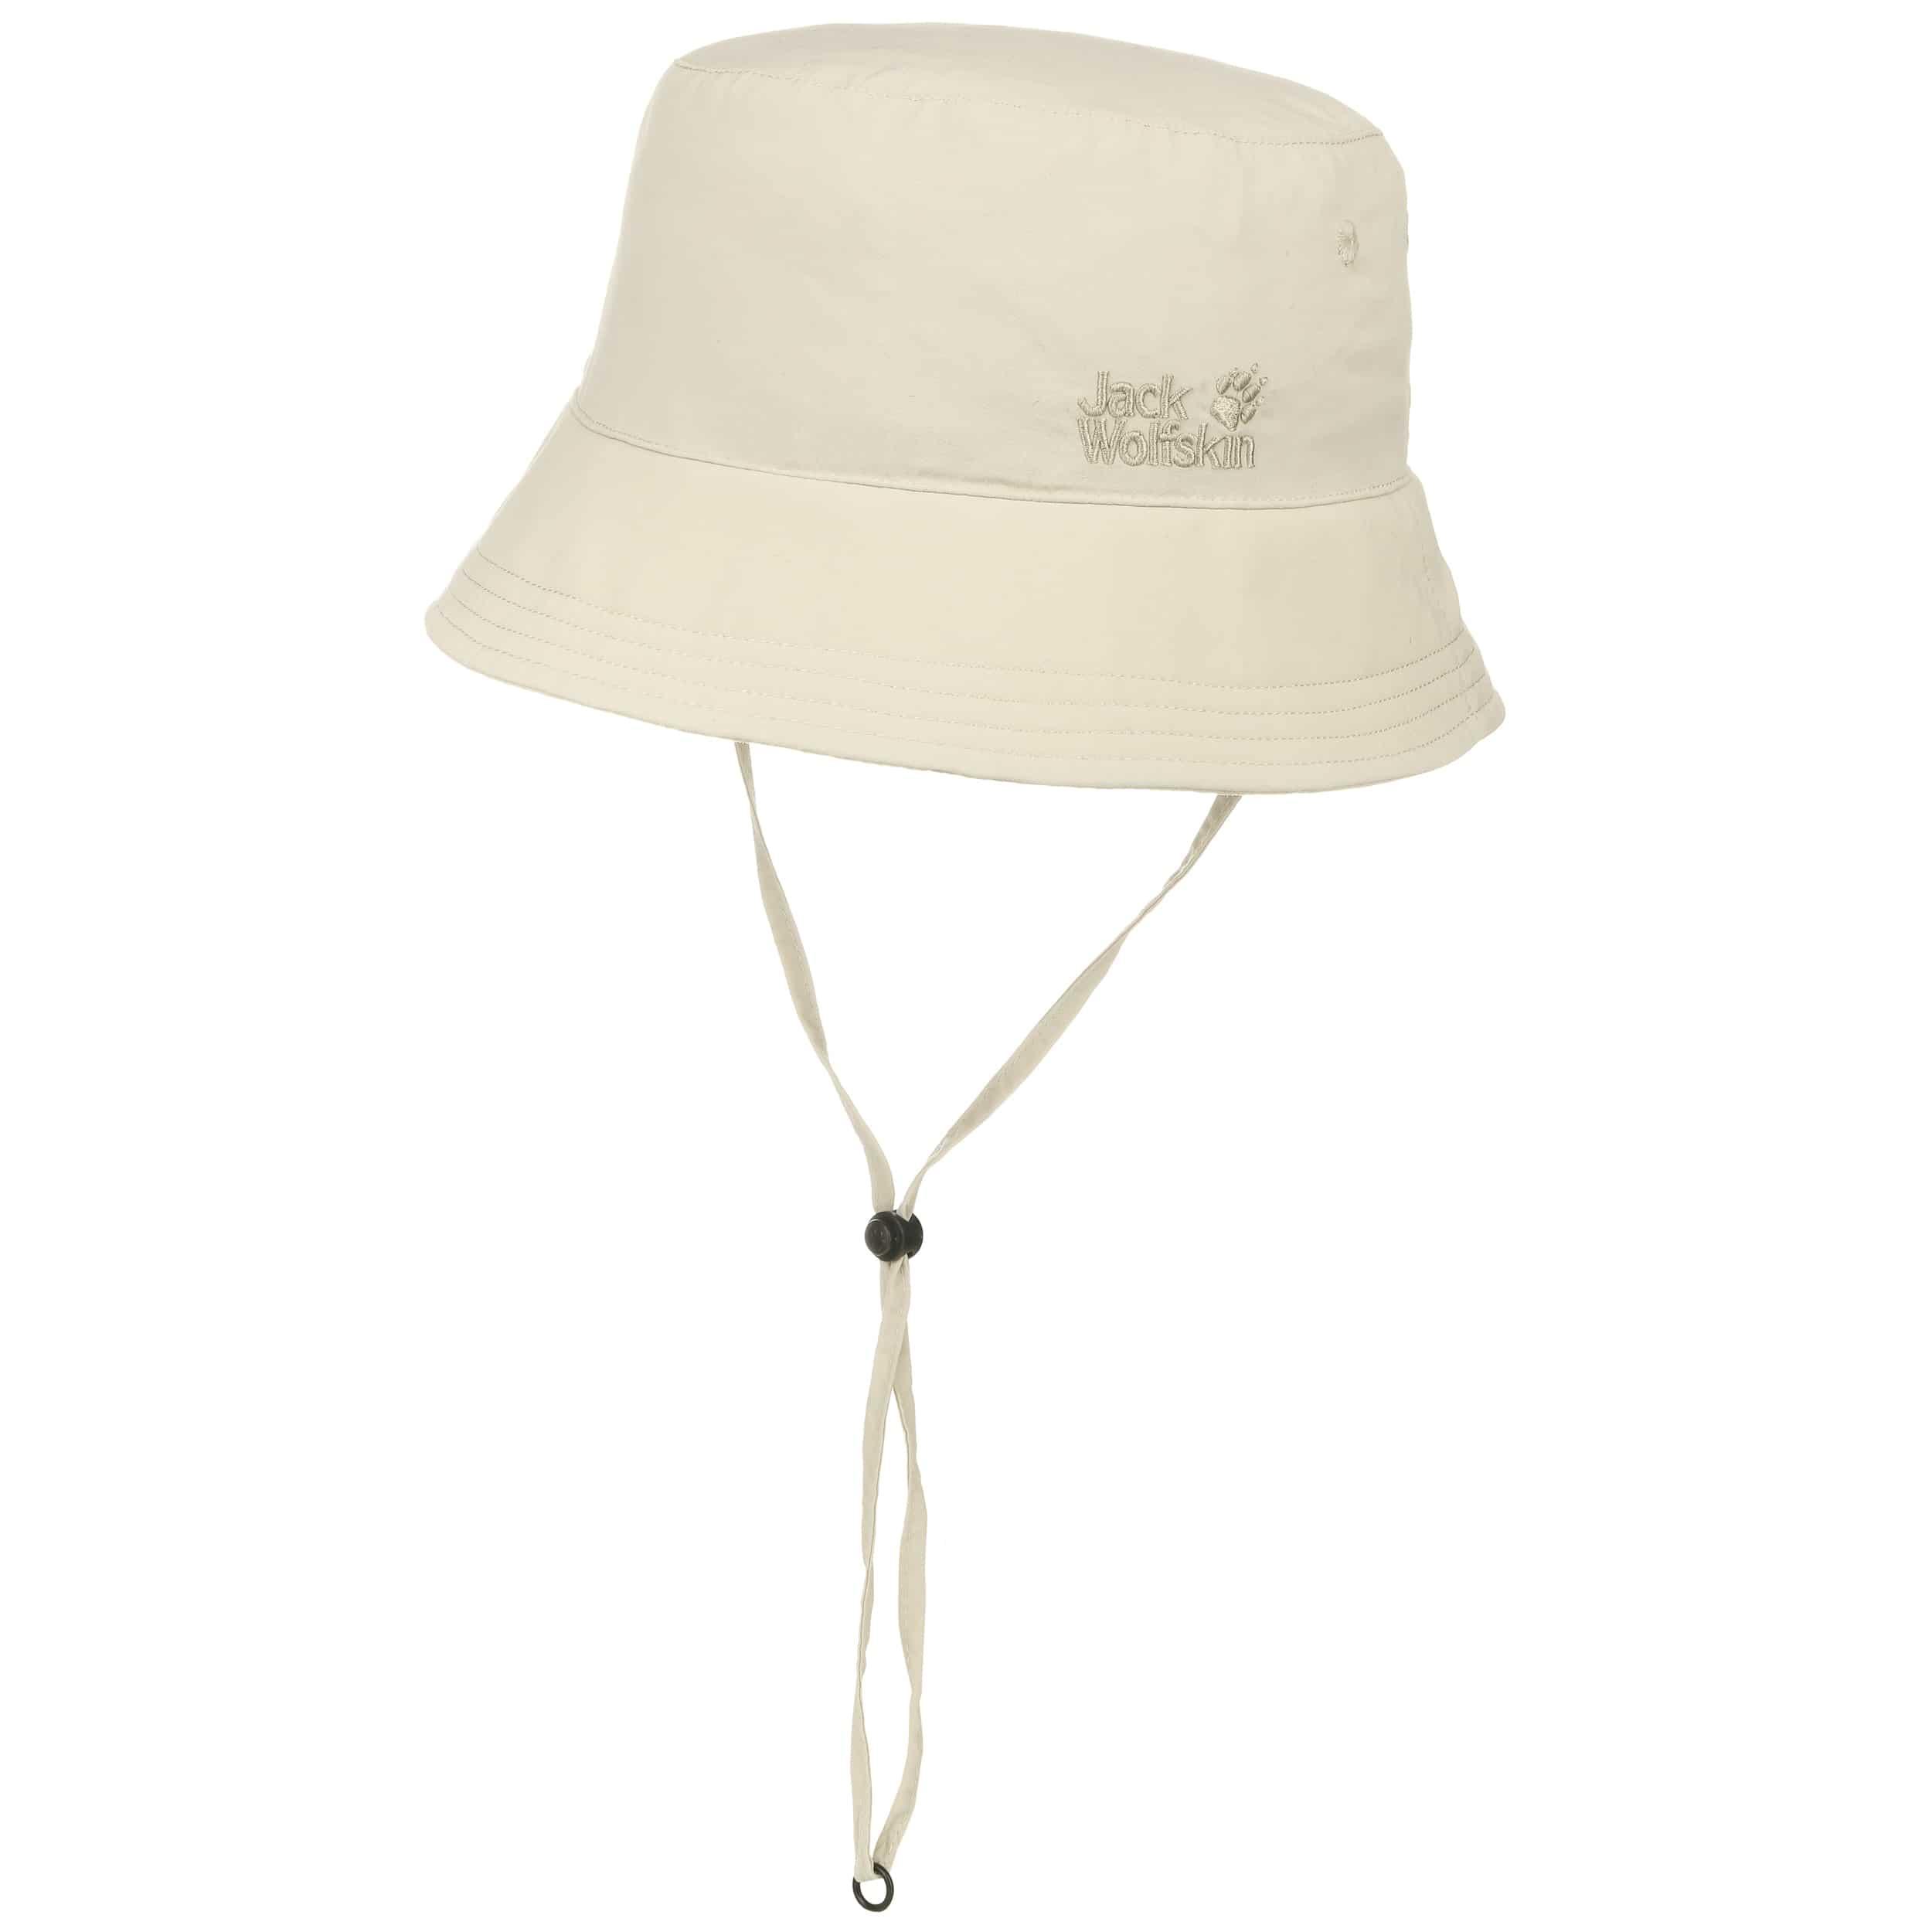 Supplex Sun Hat By Jack Wolfskin 29 95